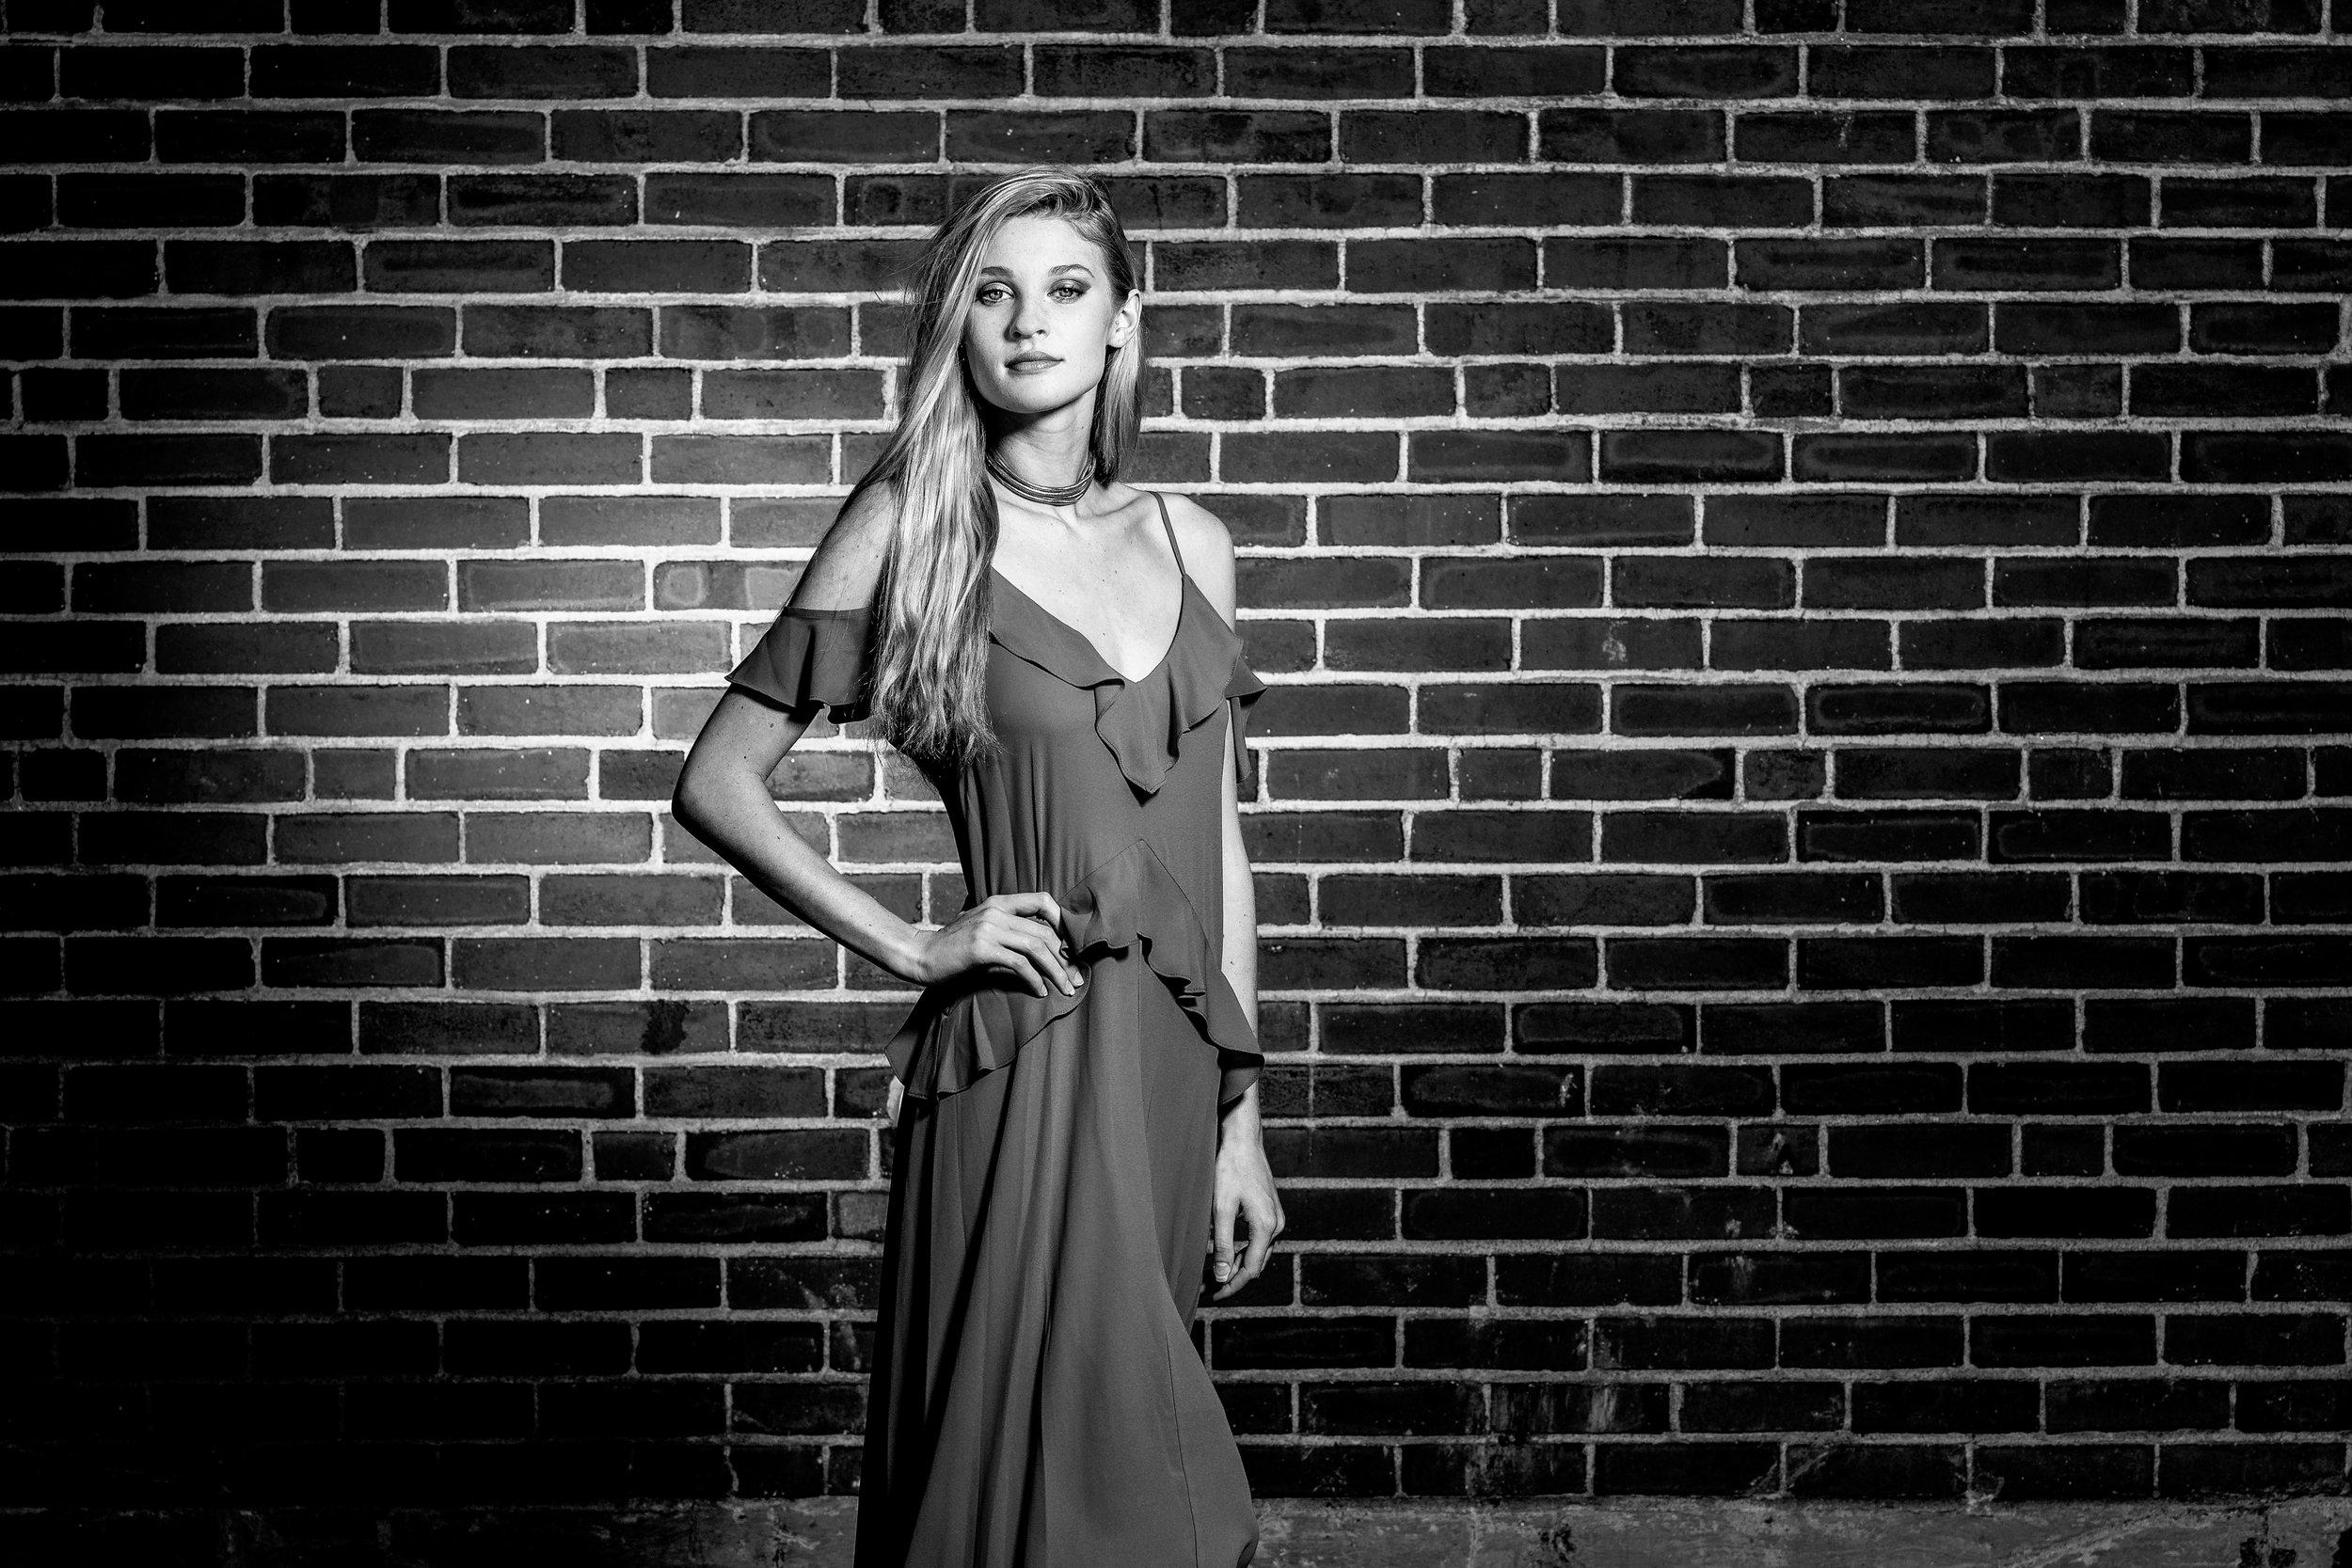 J Rounds Photography / A FashionPage